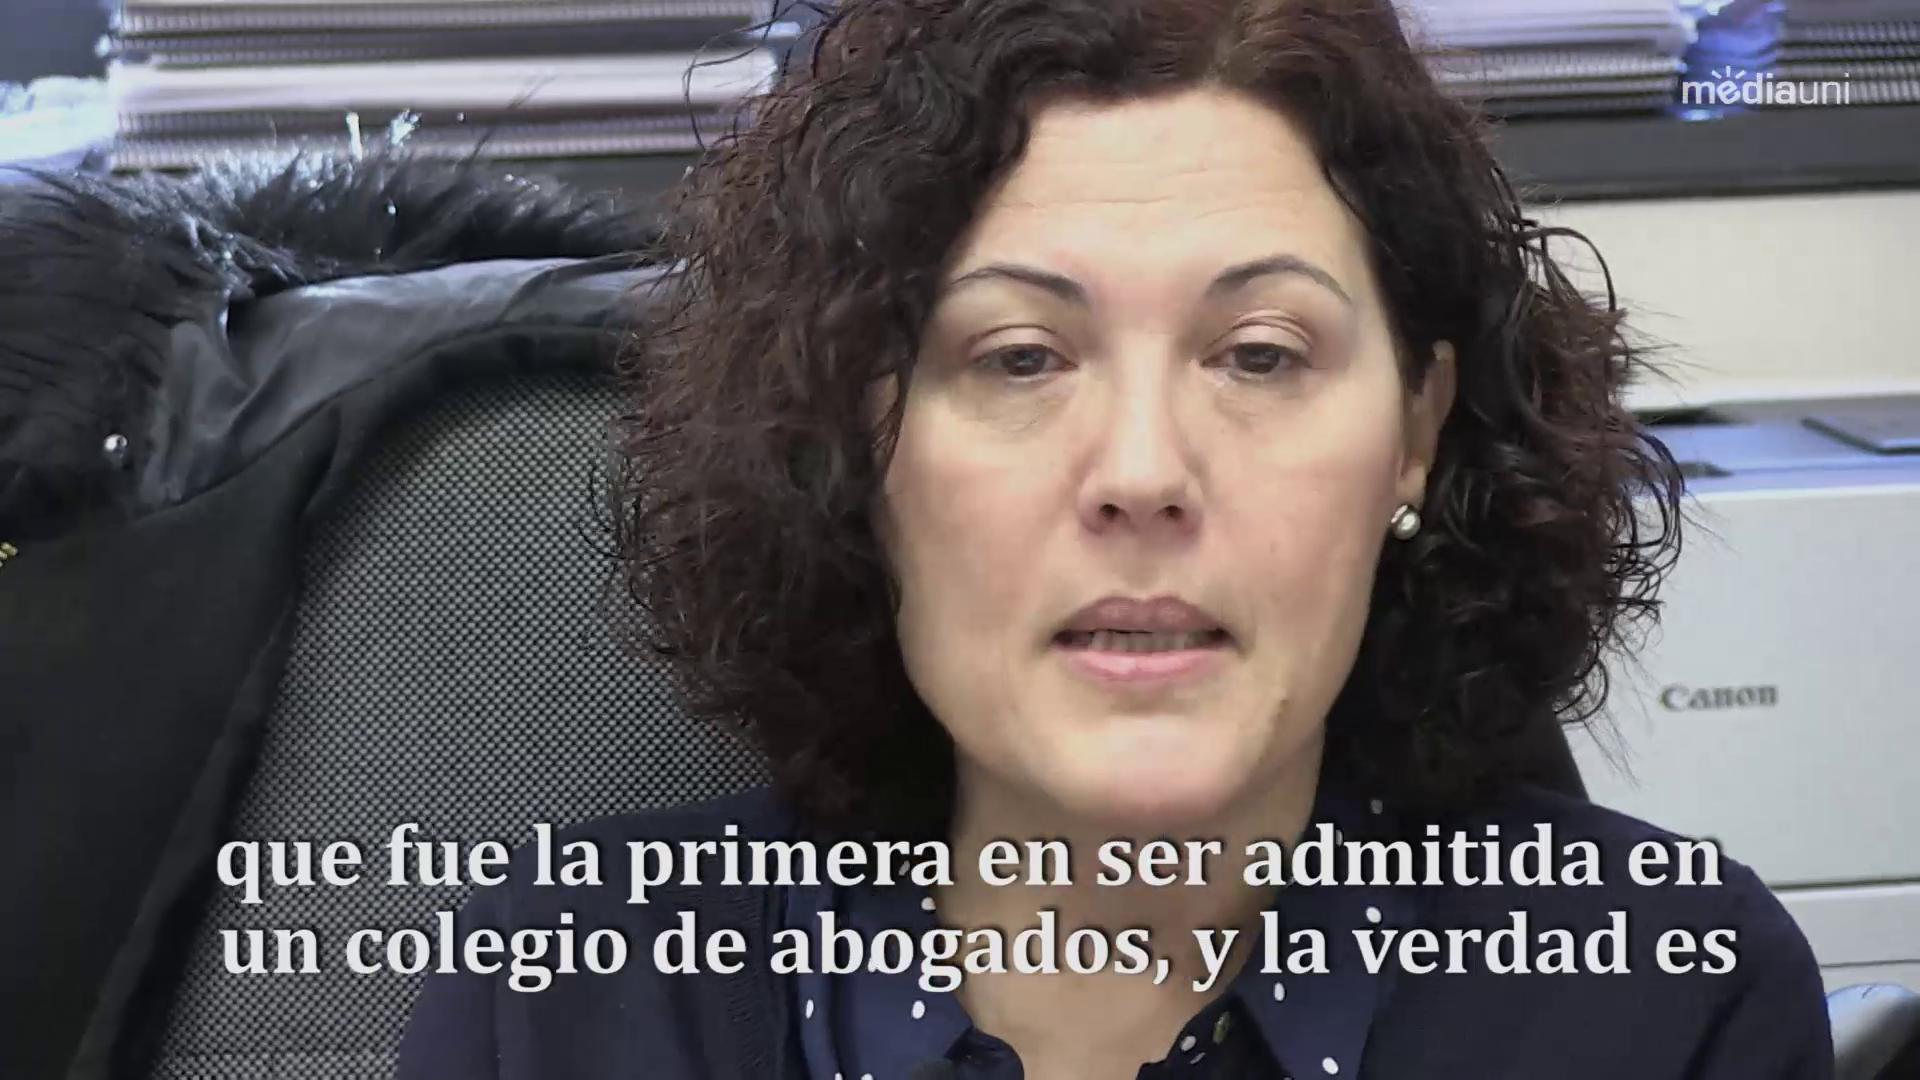 La professora de Dret i Història del Dret, Pilar Hernando parla sobre la trajectòria d'Ascensión Chirivella